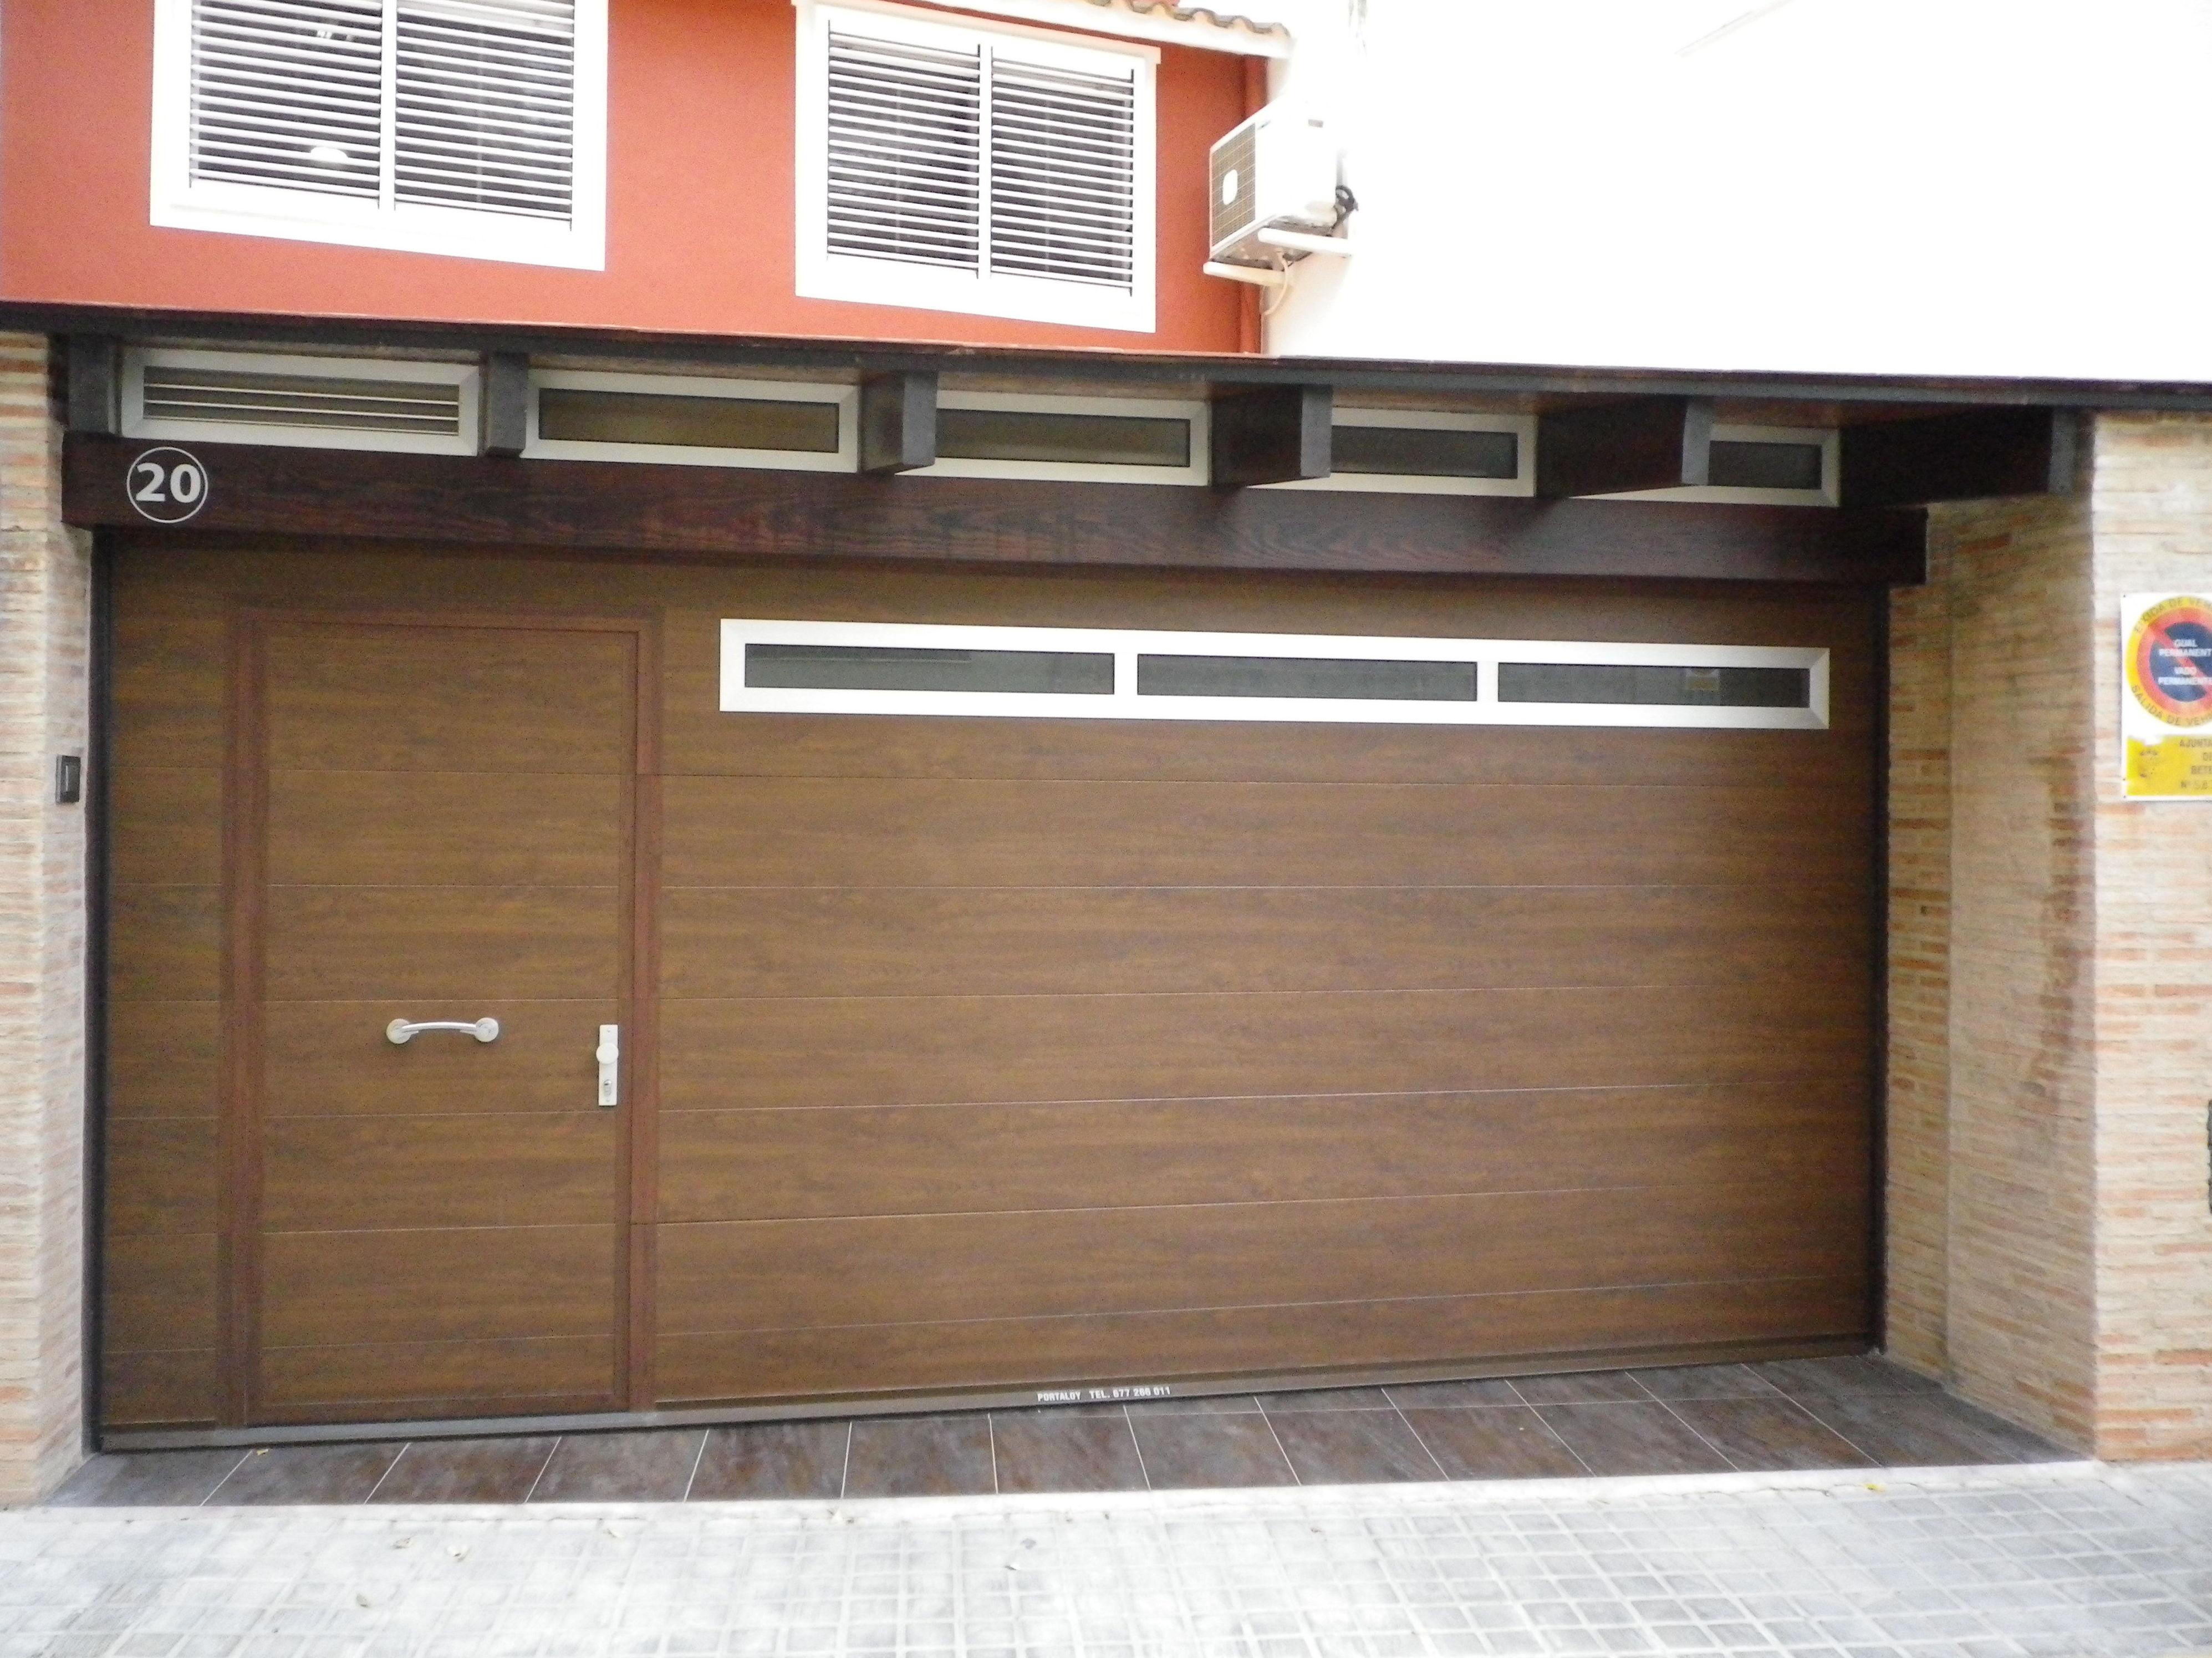 Seccional imitación madera panel canal central liso, con ventanas superiores.